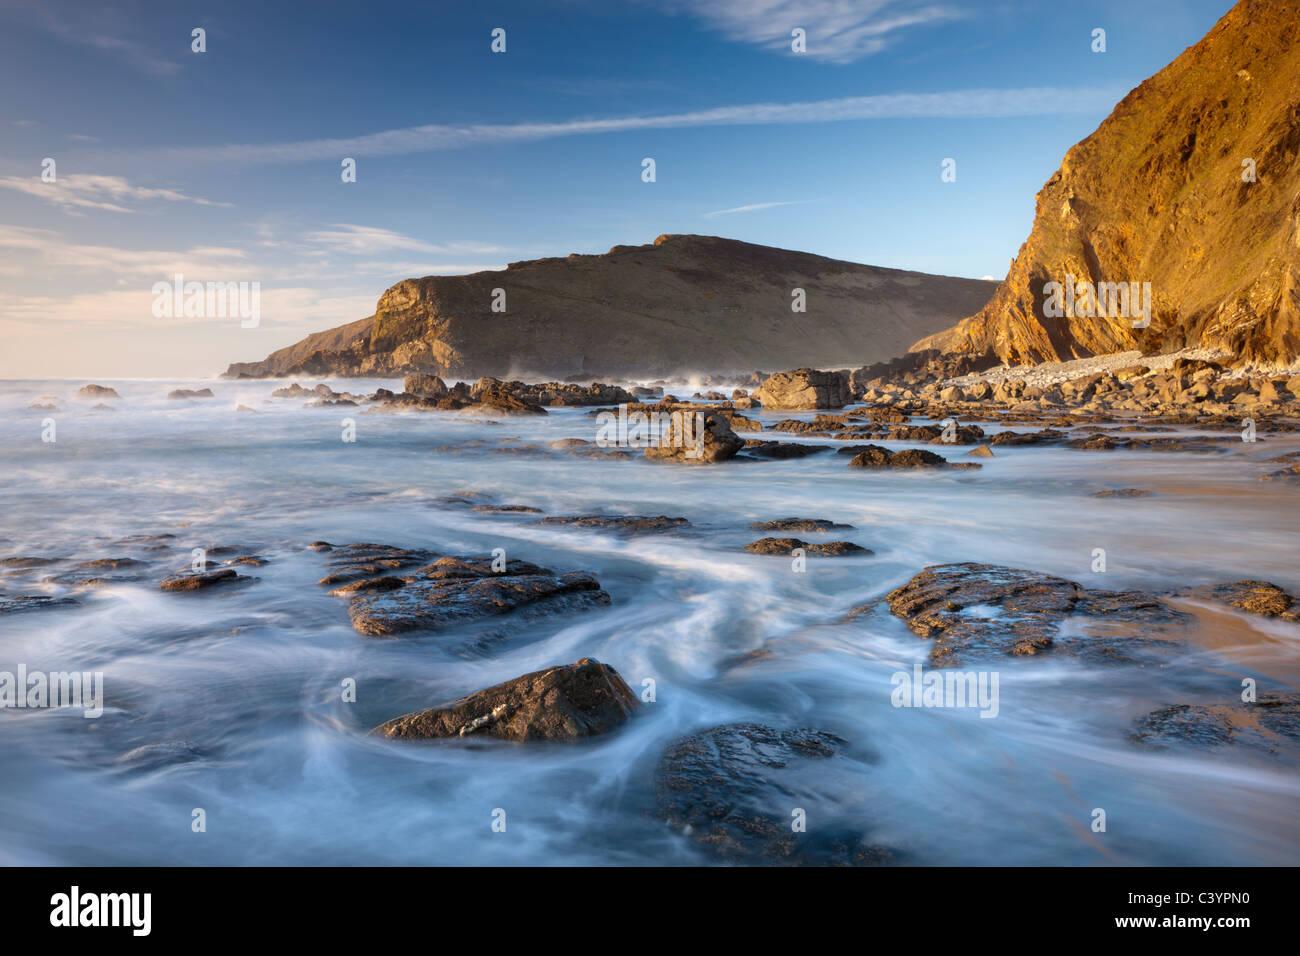 La marée monte les barres rocheuses de Duckpool Beach sur la côte nord des Cornouailles, Cornwall, Angleterre. Photo Stock